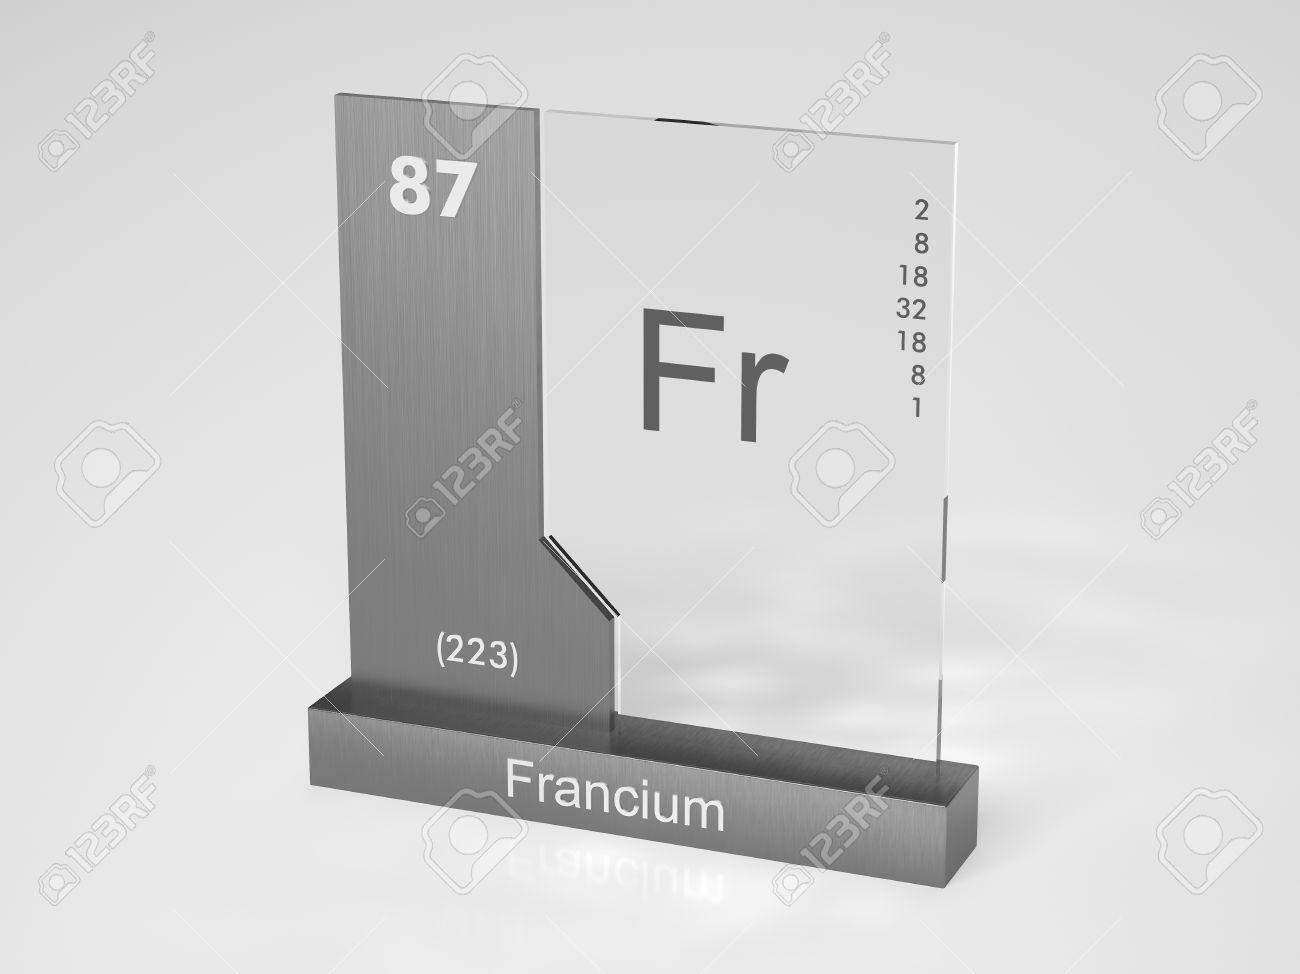 Francio smbolo p elemento qumico de la tabla peridica fotos foto de archivo francio smbolo p elemento qumico de la tabla peridica urtaz Choice Image